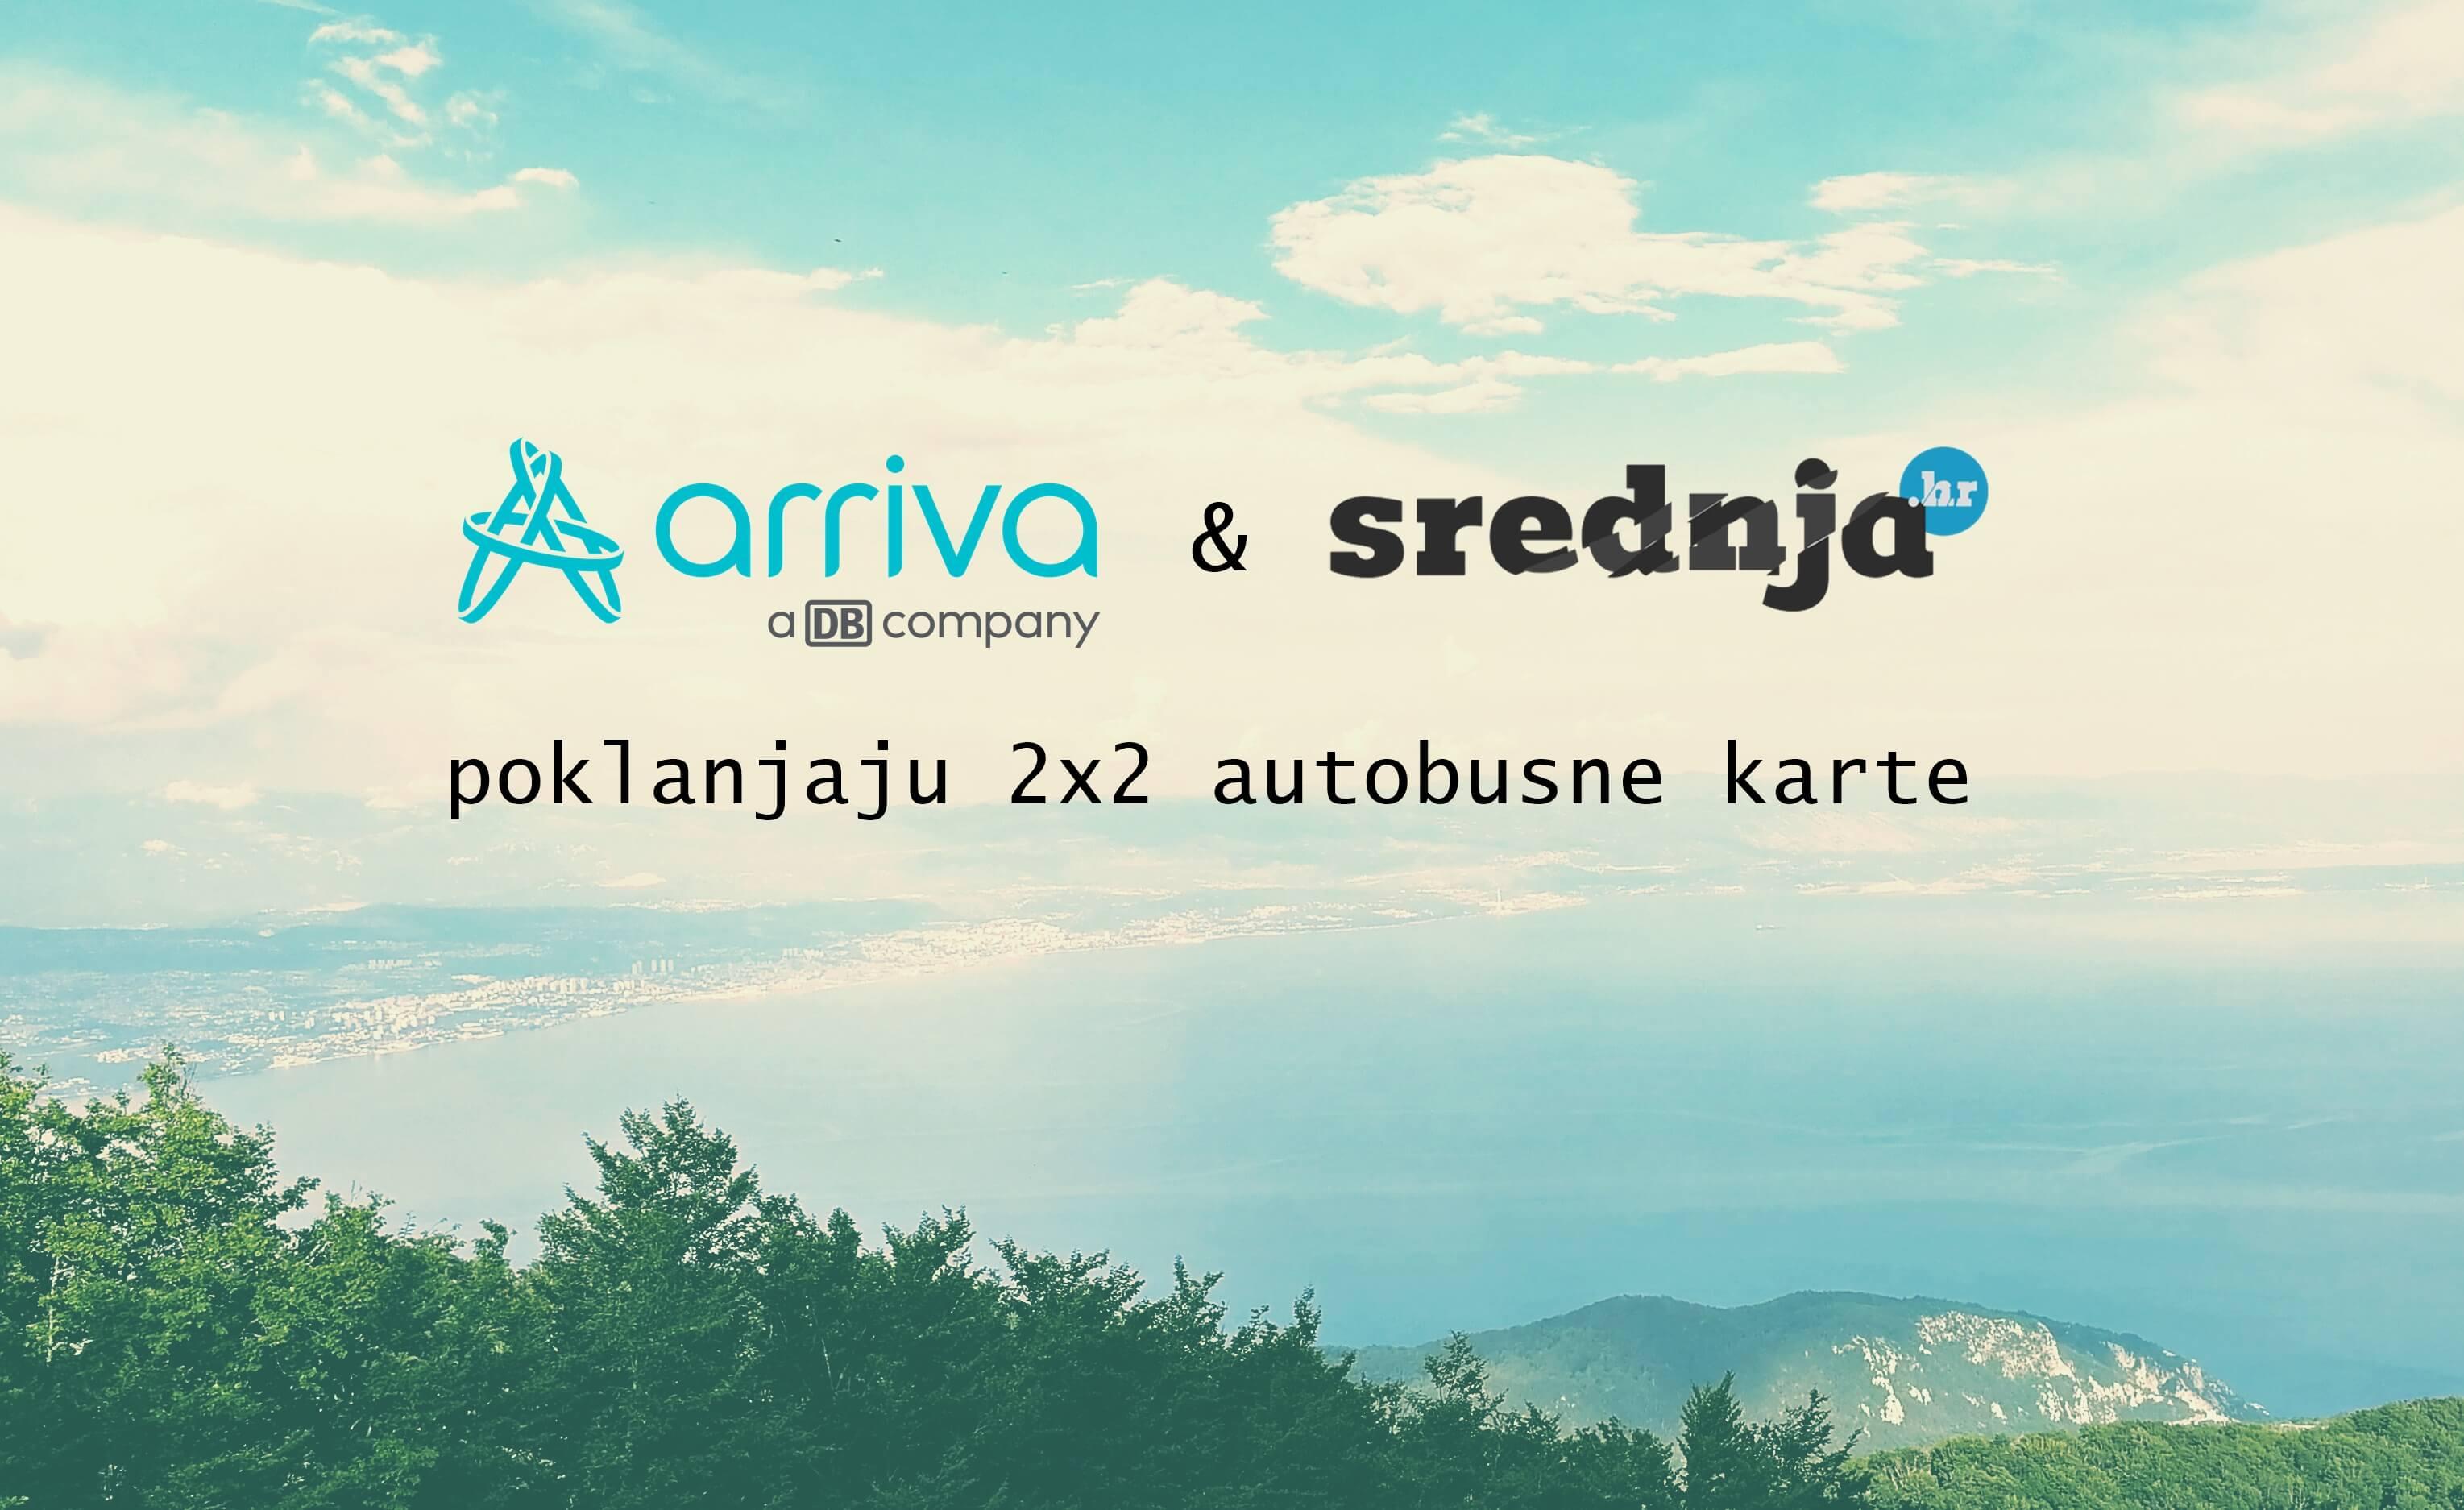 Srednja.hr i Arriva Hrvatska poklanjaju 2×2 autobusne karte